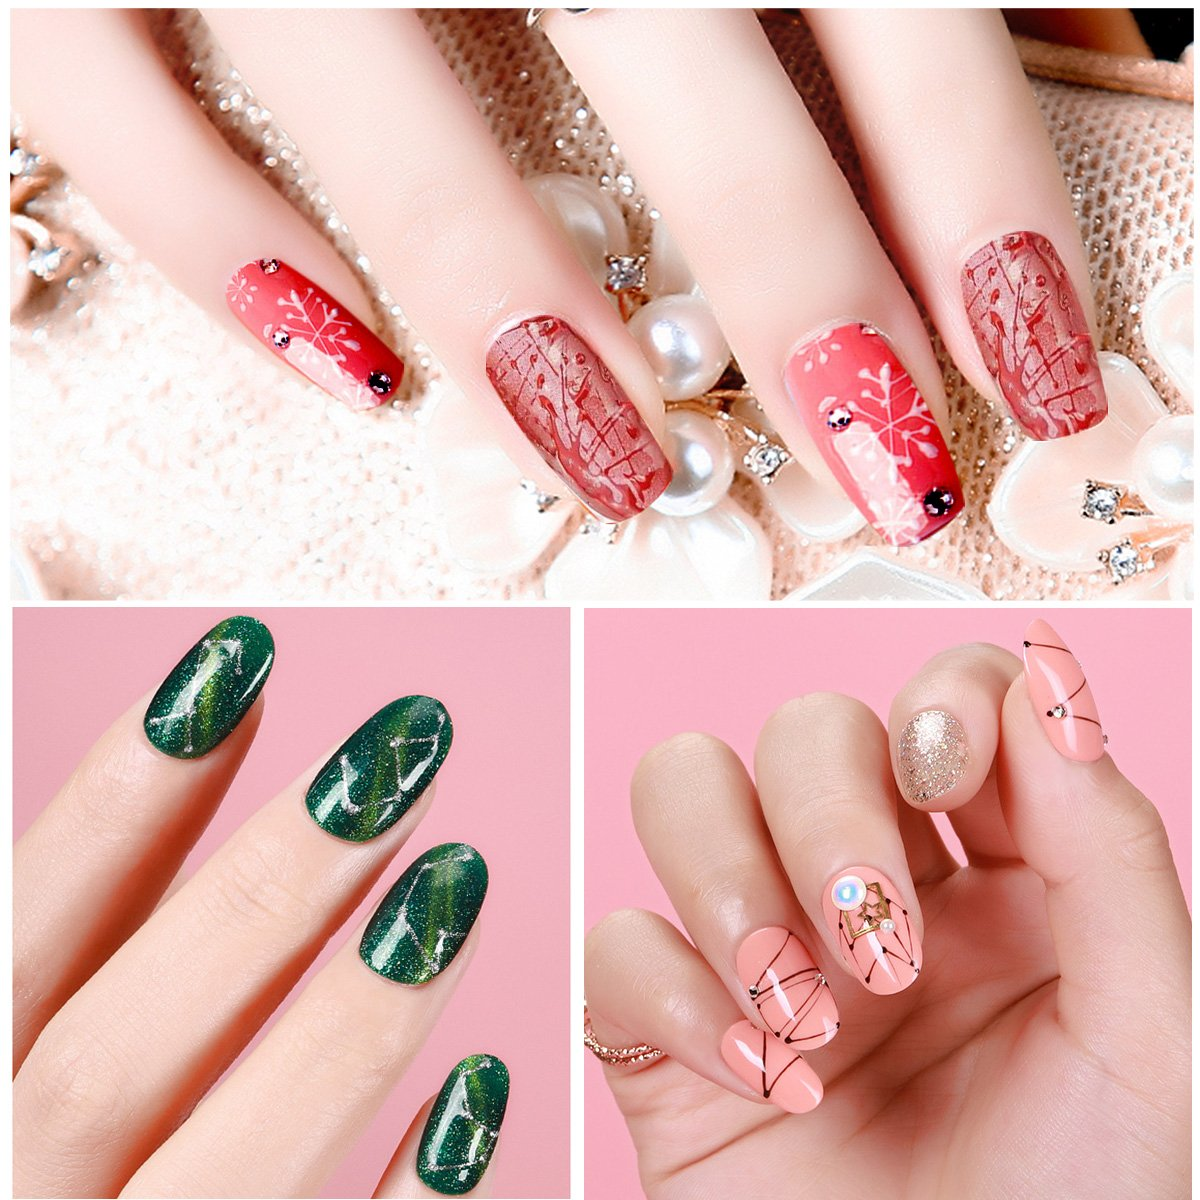 Saviland - Esmalte de uñas para pintar en 6 colores, kit de decoración de uñas de gel para dibujar línea 8 ml (color blanco, negro, rojo, azul, ...